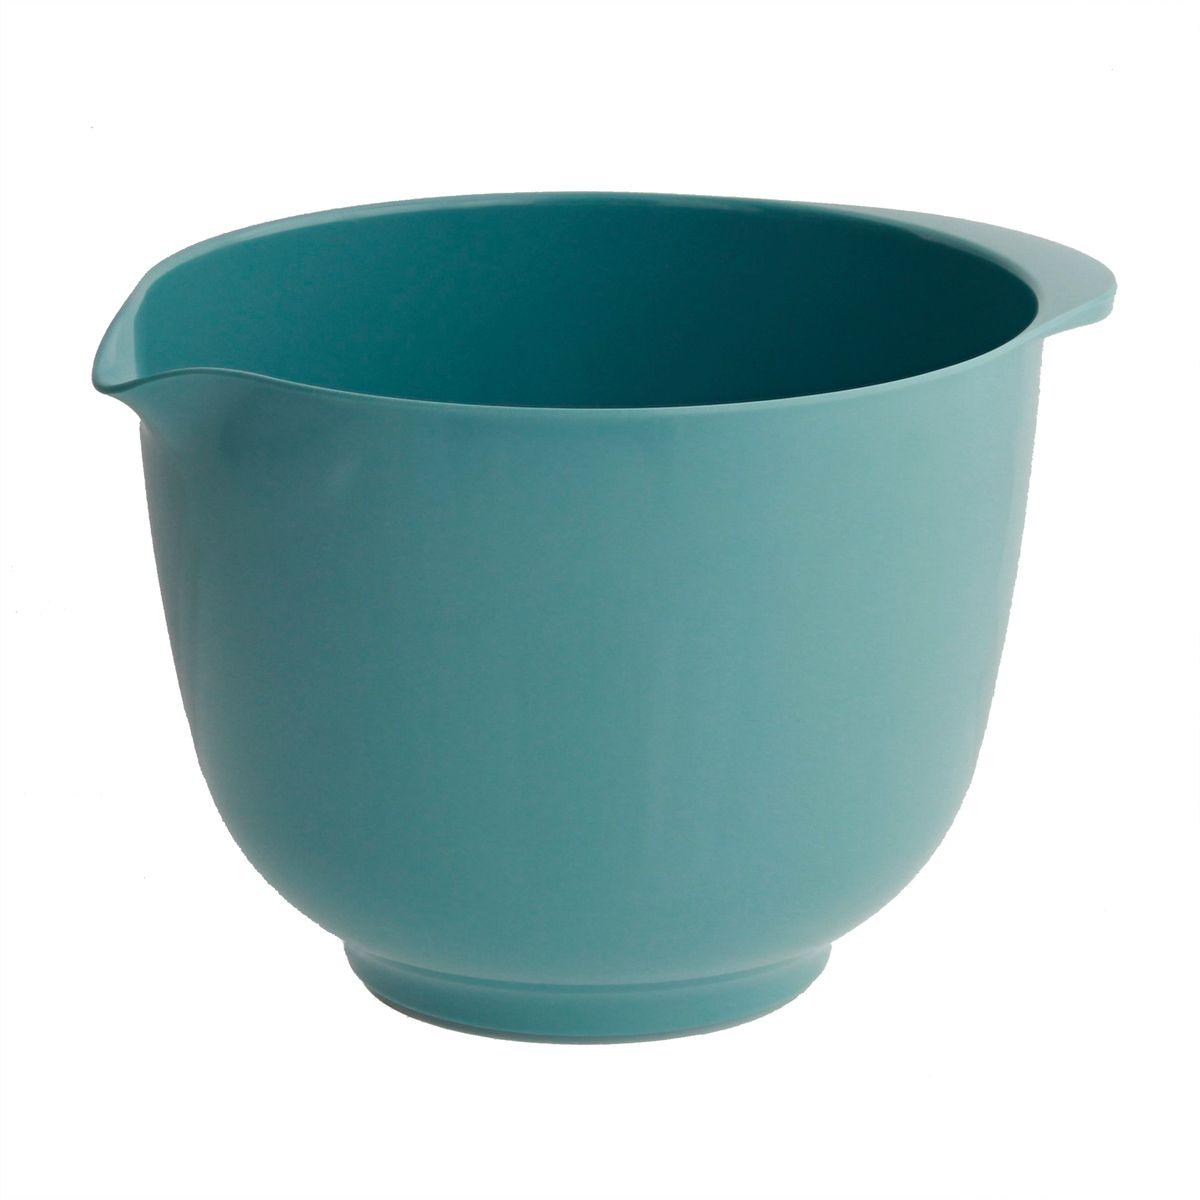 Bol de préparation vert menthe 1.5 l - Rosti